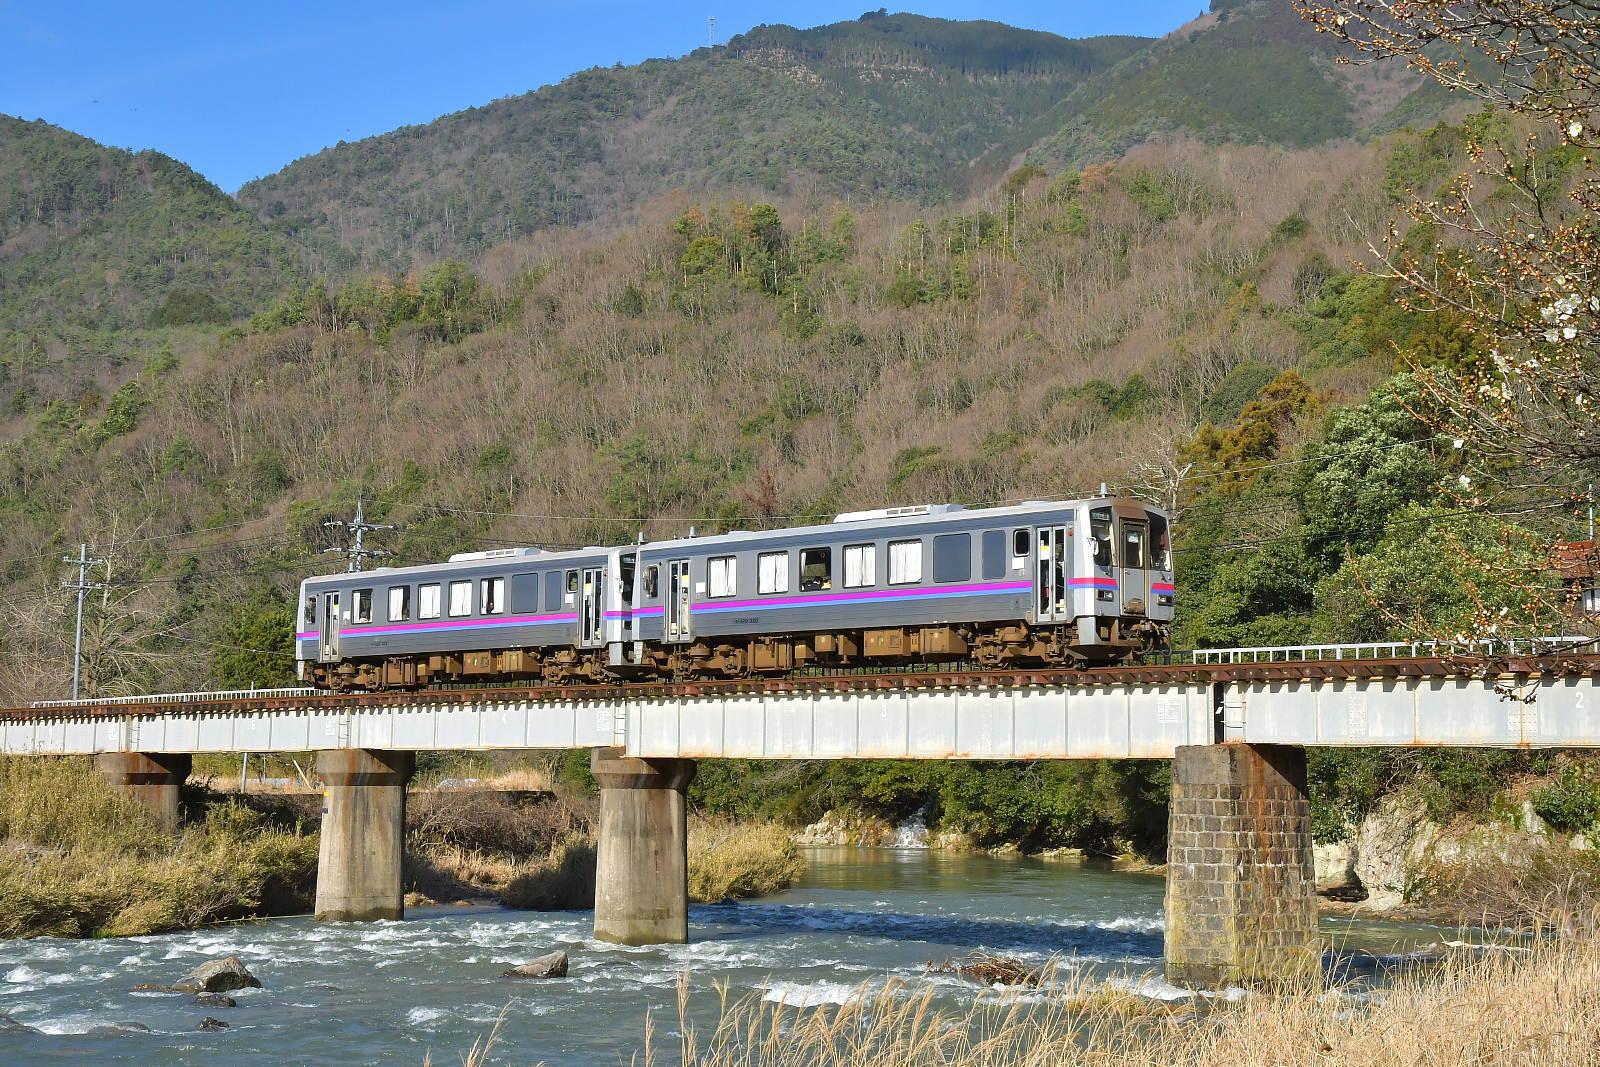 芸備線三篠川橋再訪_a0251146_02442588.jpg